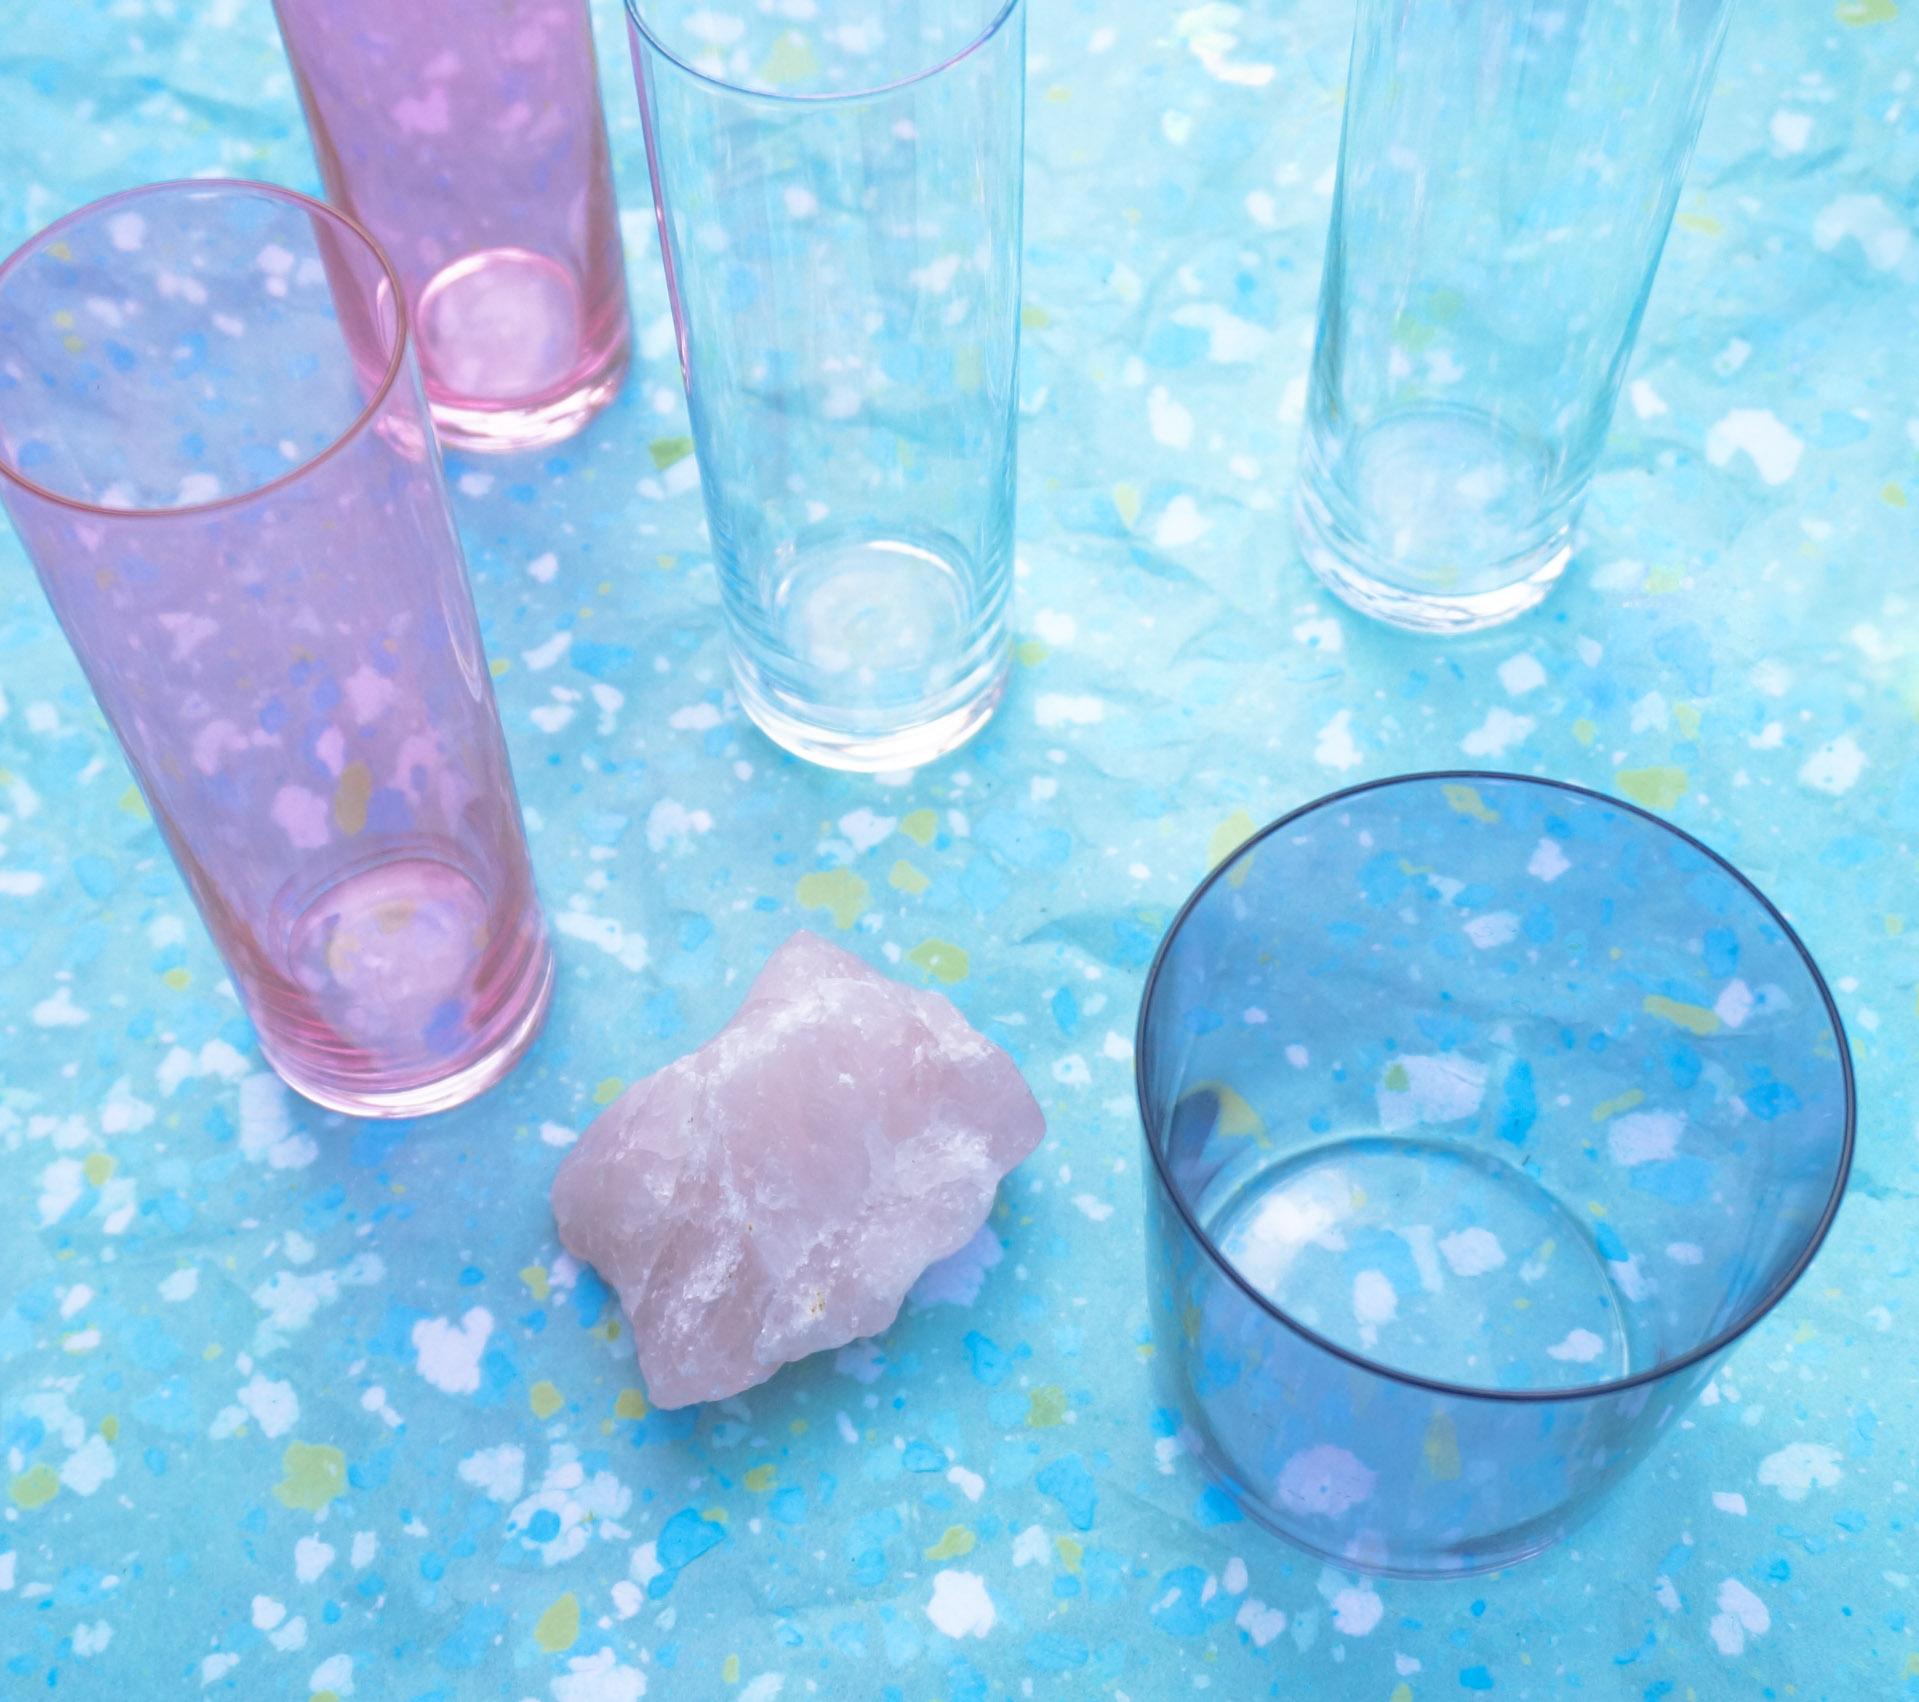 Glassware and rose quartz